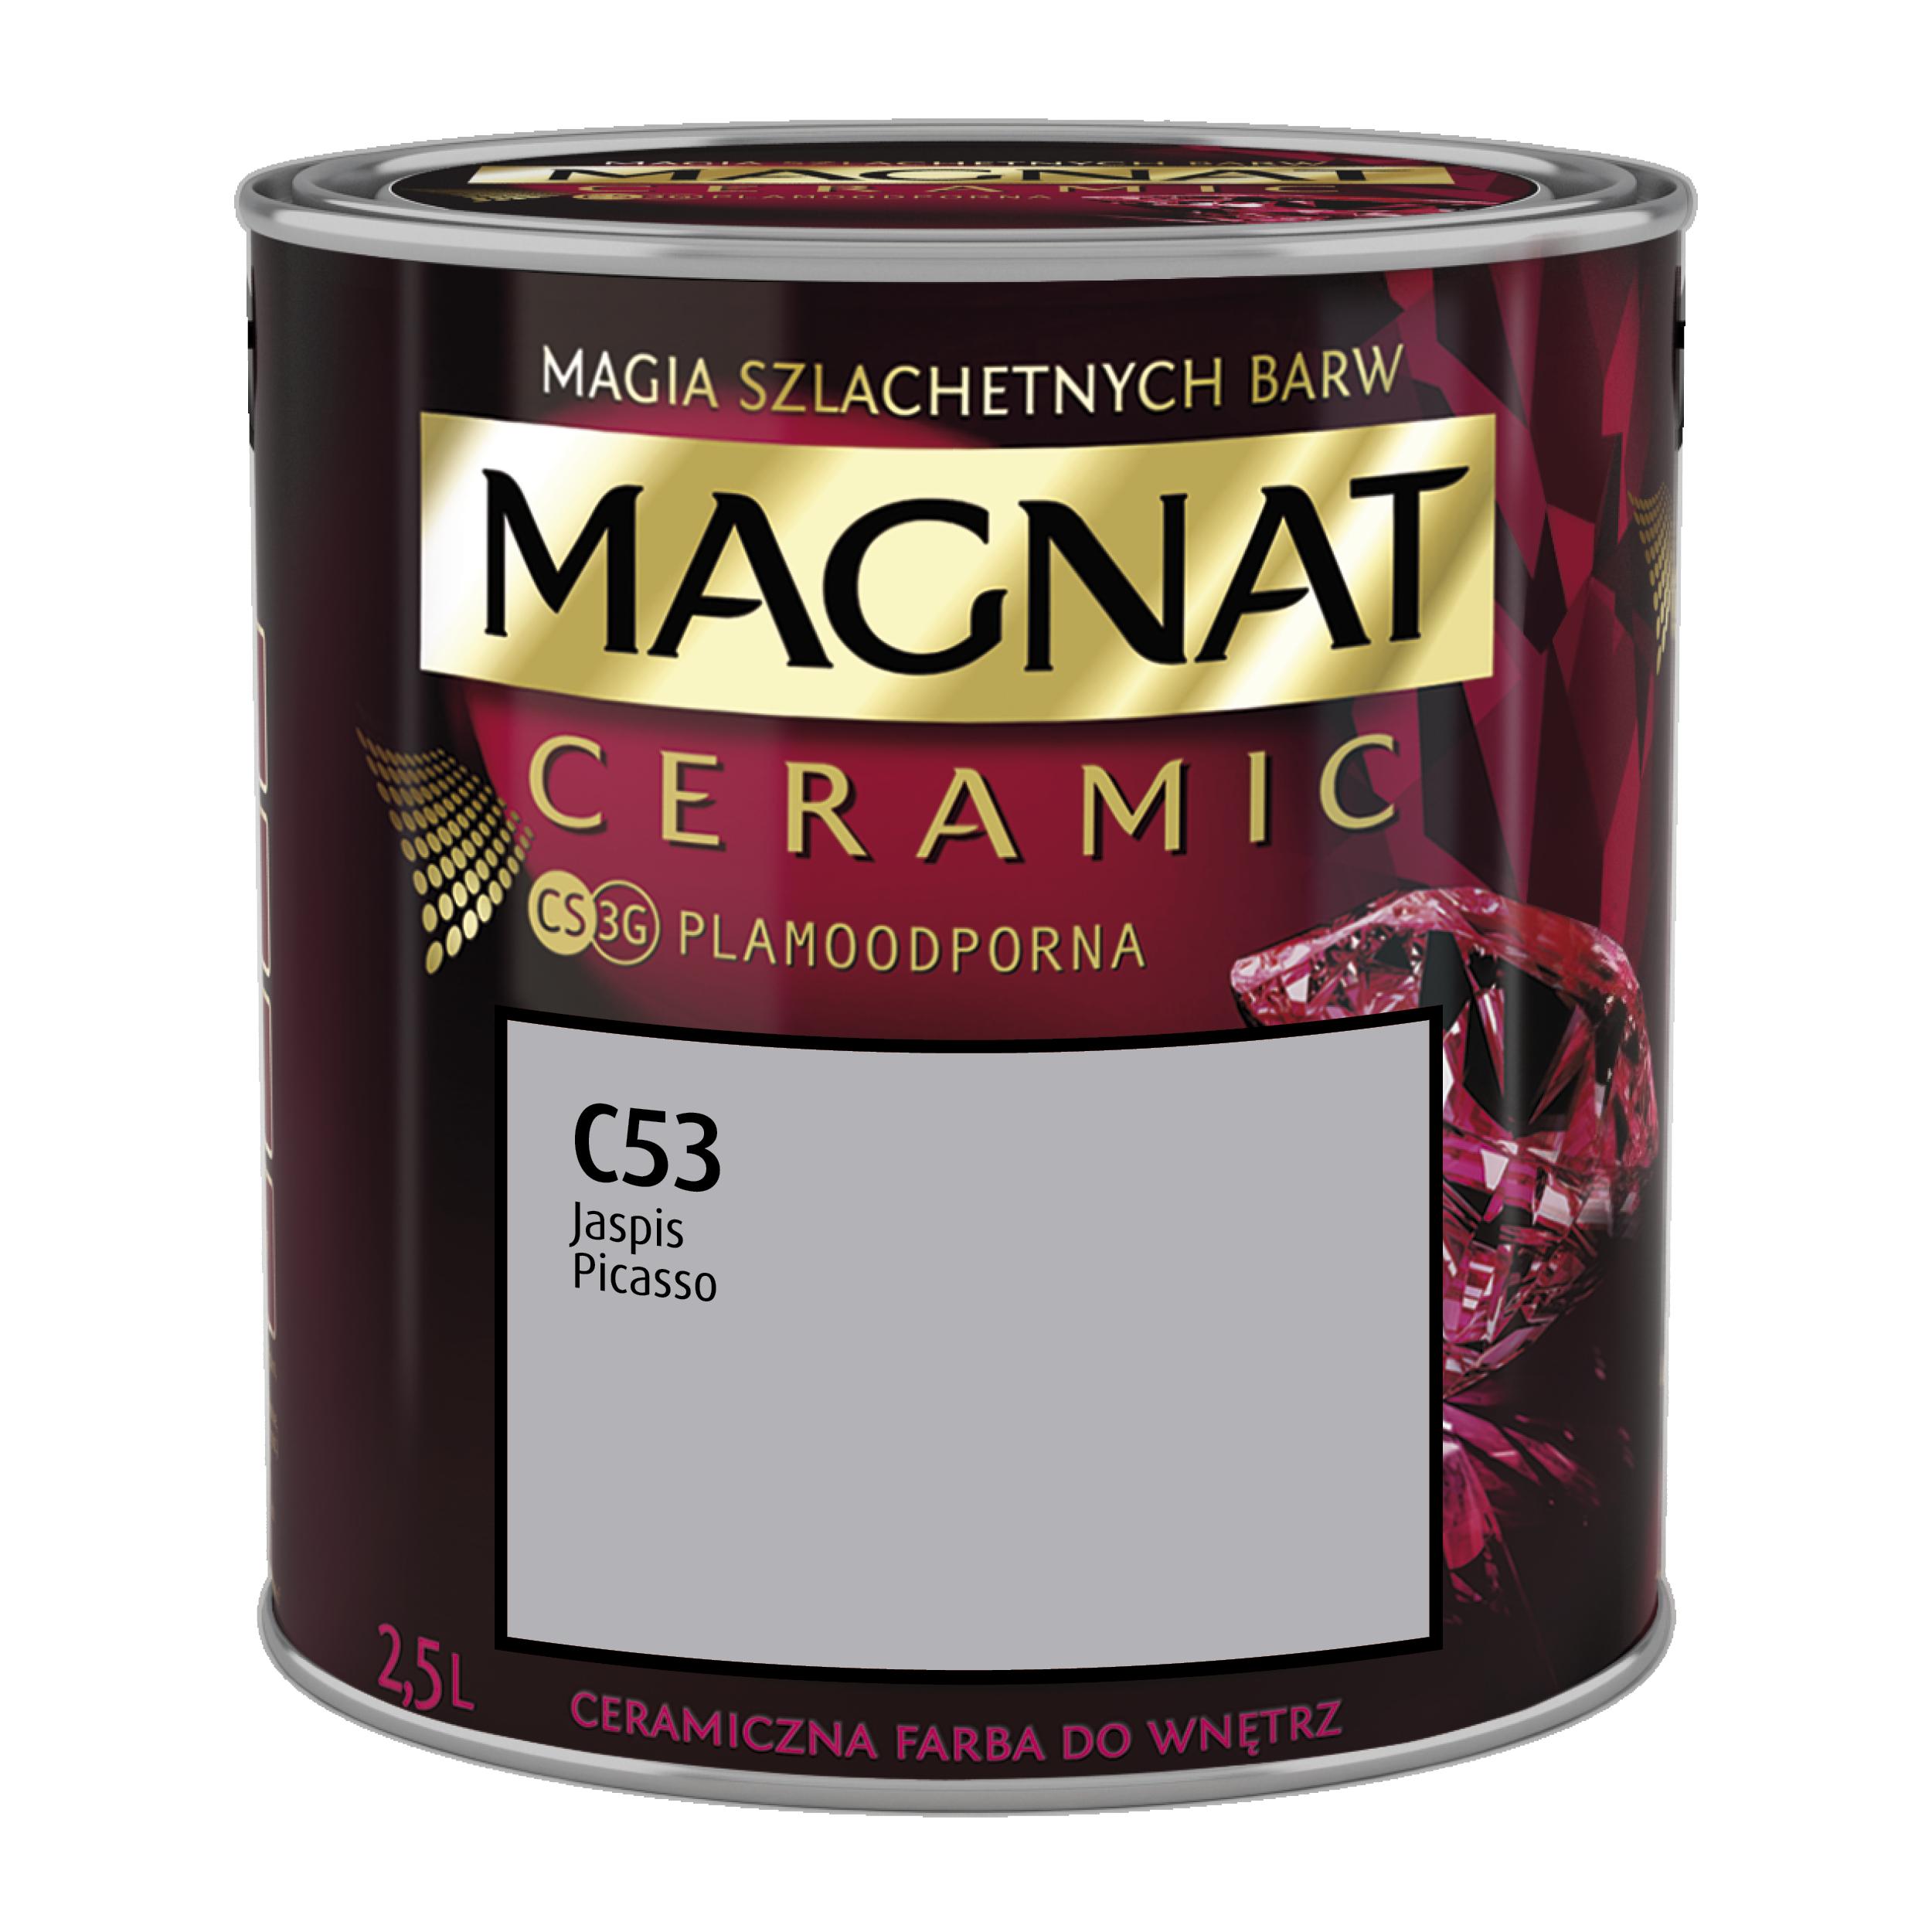 Magnat Ceramic C53 Jaspis Picasso 25l